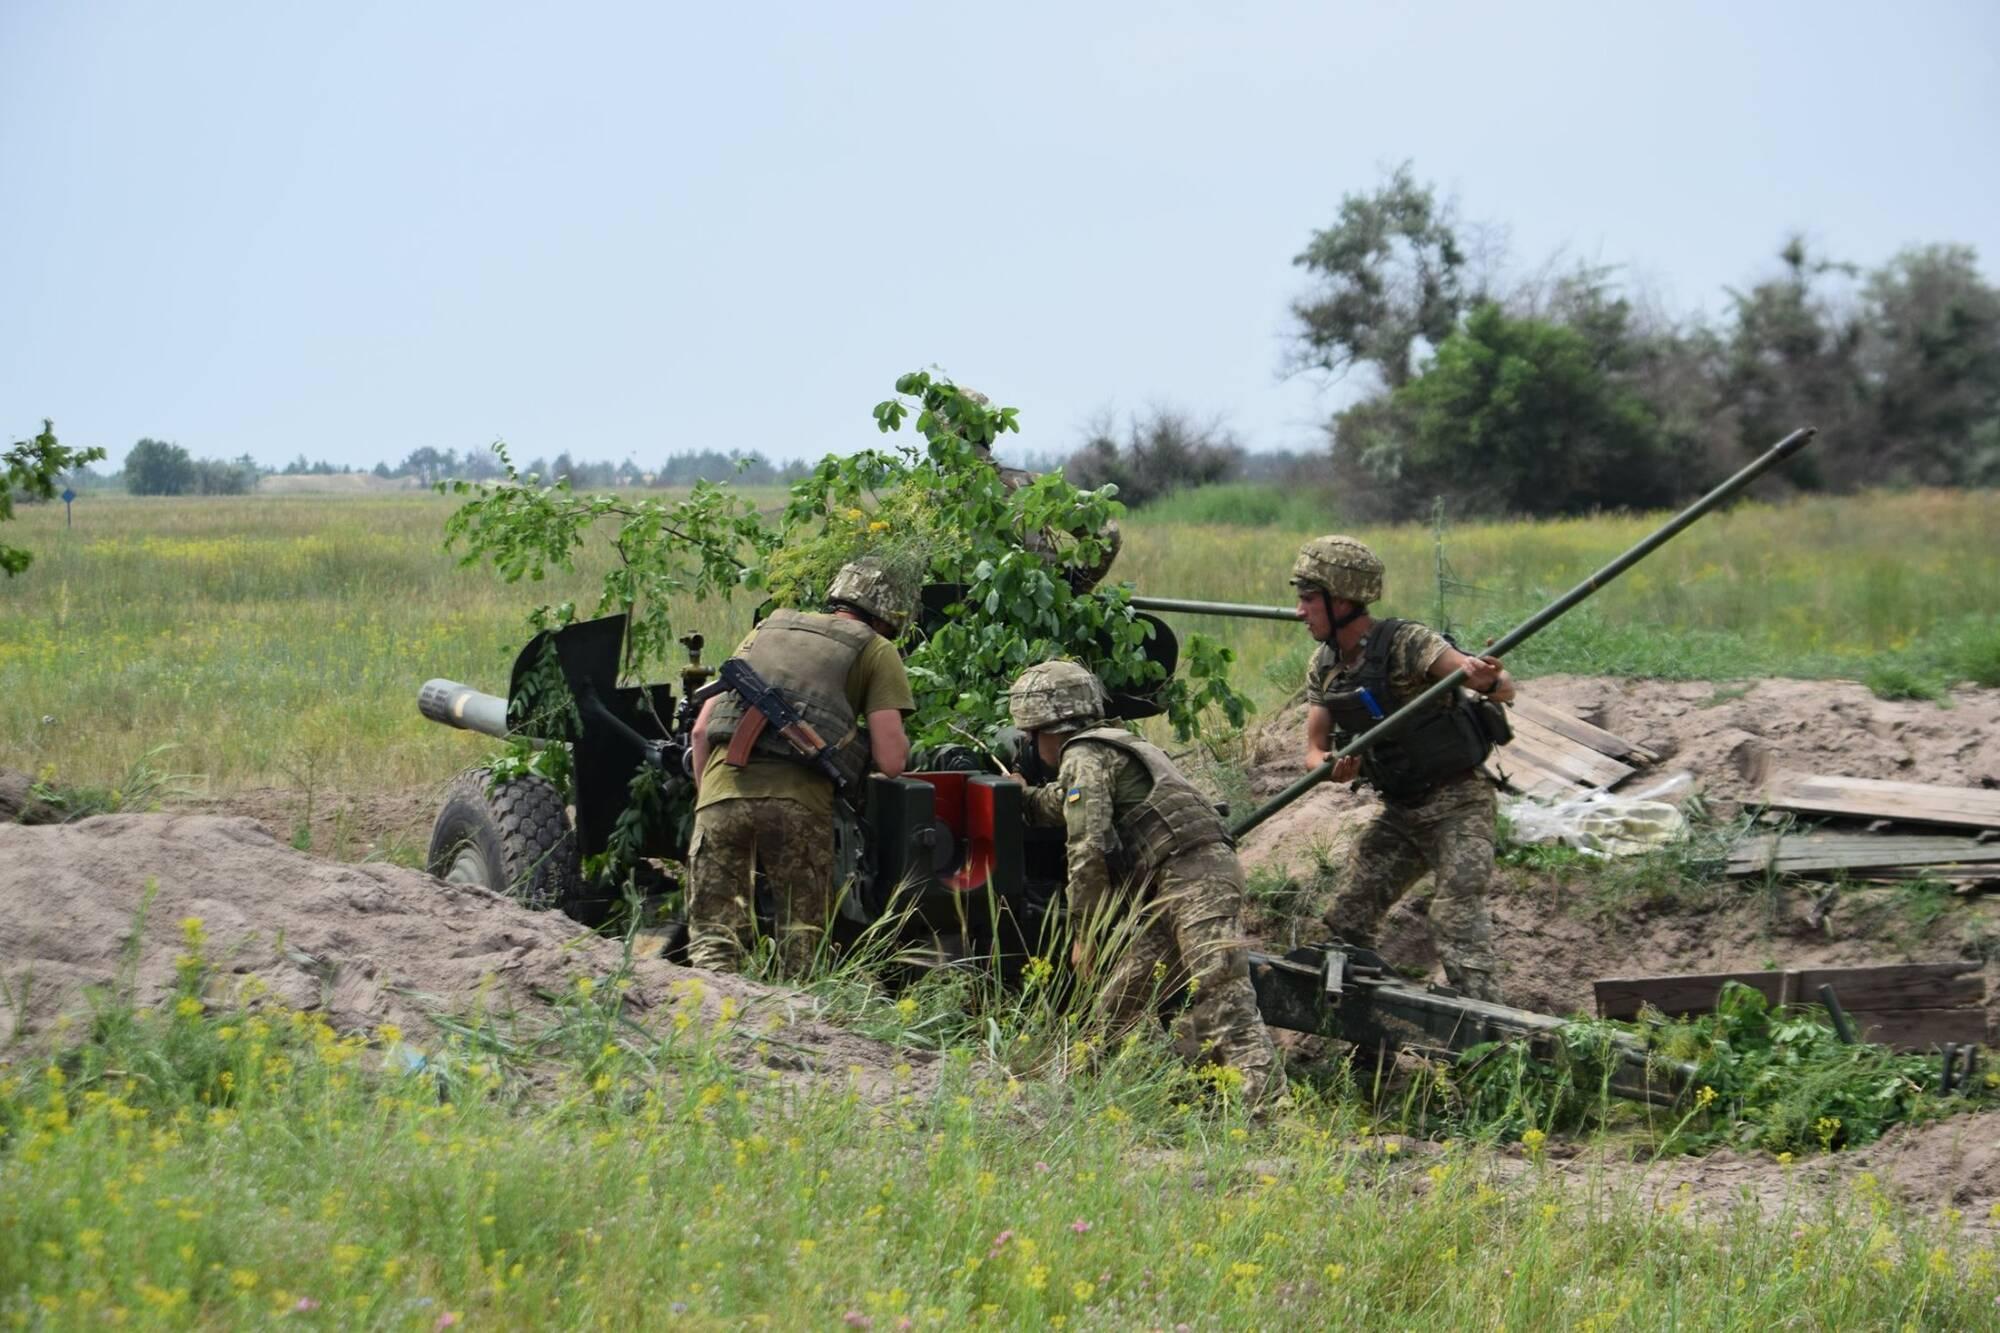 Військові відпрацювали завдання з недопущення висадки десанту під час оборони морського узбережжя